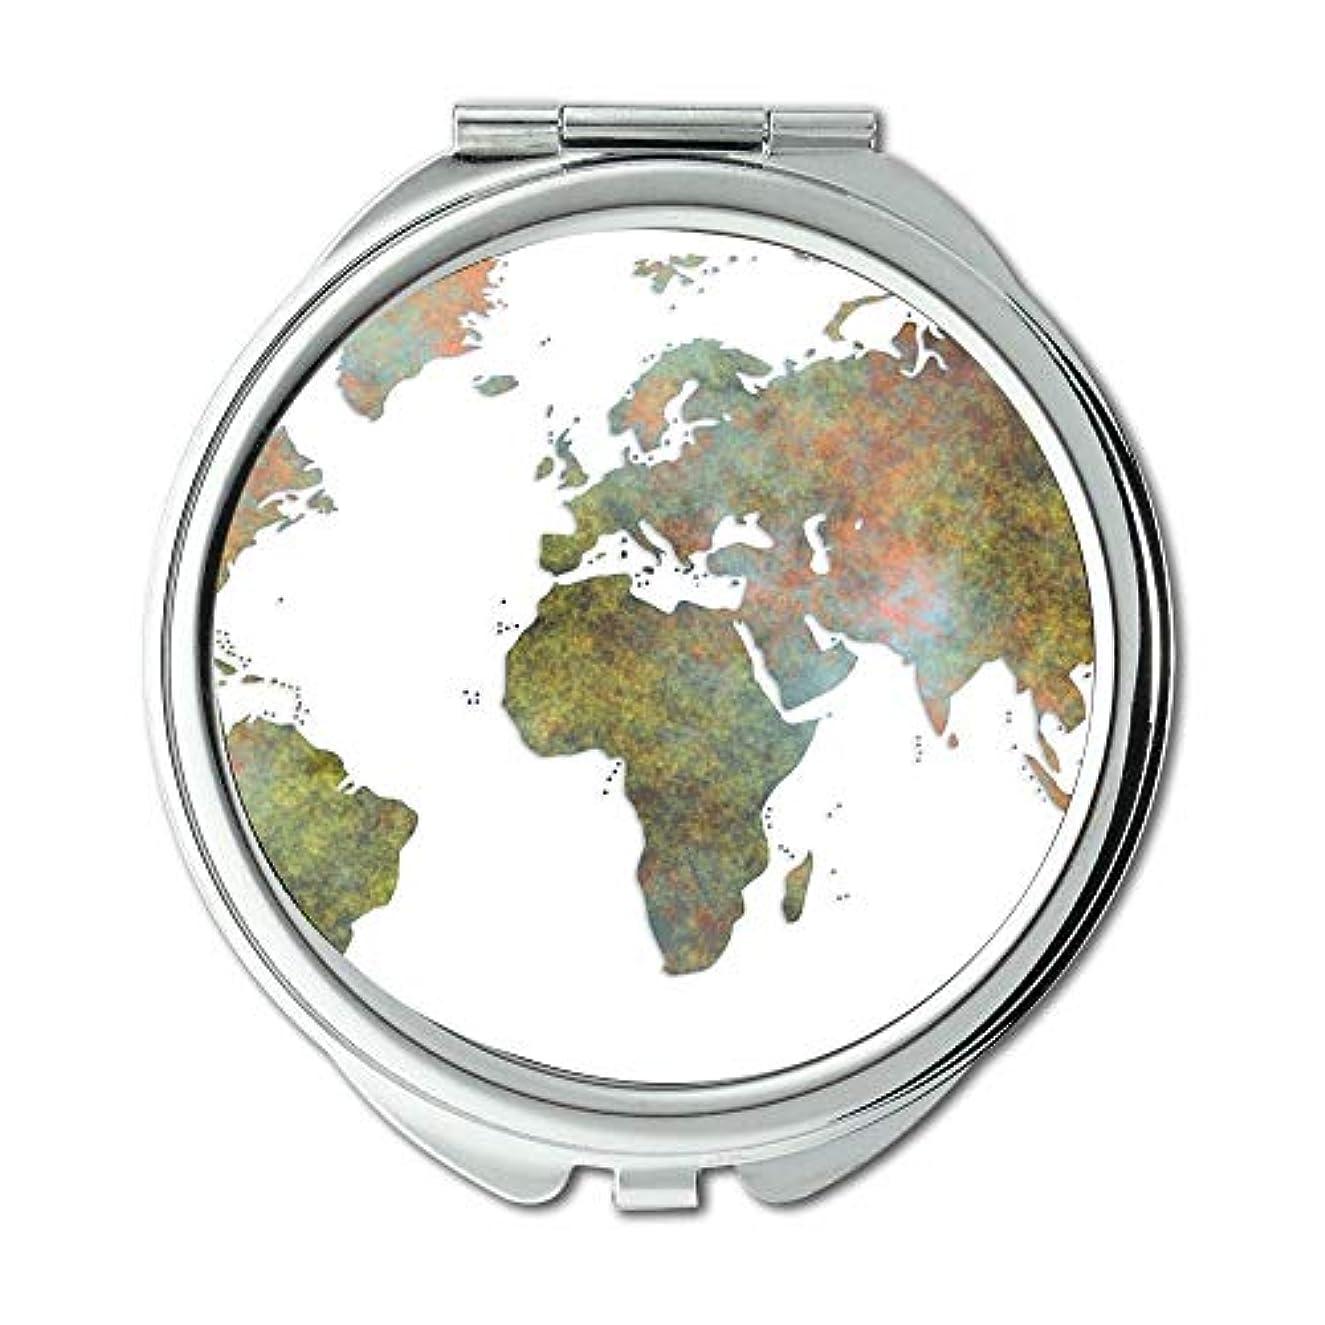 漏斗常習者パッケージポケットミラー、コンパクトミラーラウンドコンパクトミラー男性/女性MT 090の両面、世界地図ウォレットミラー